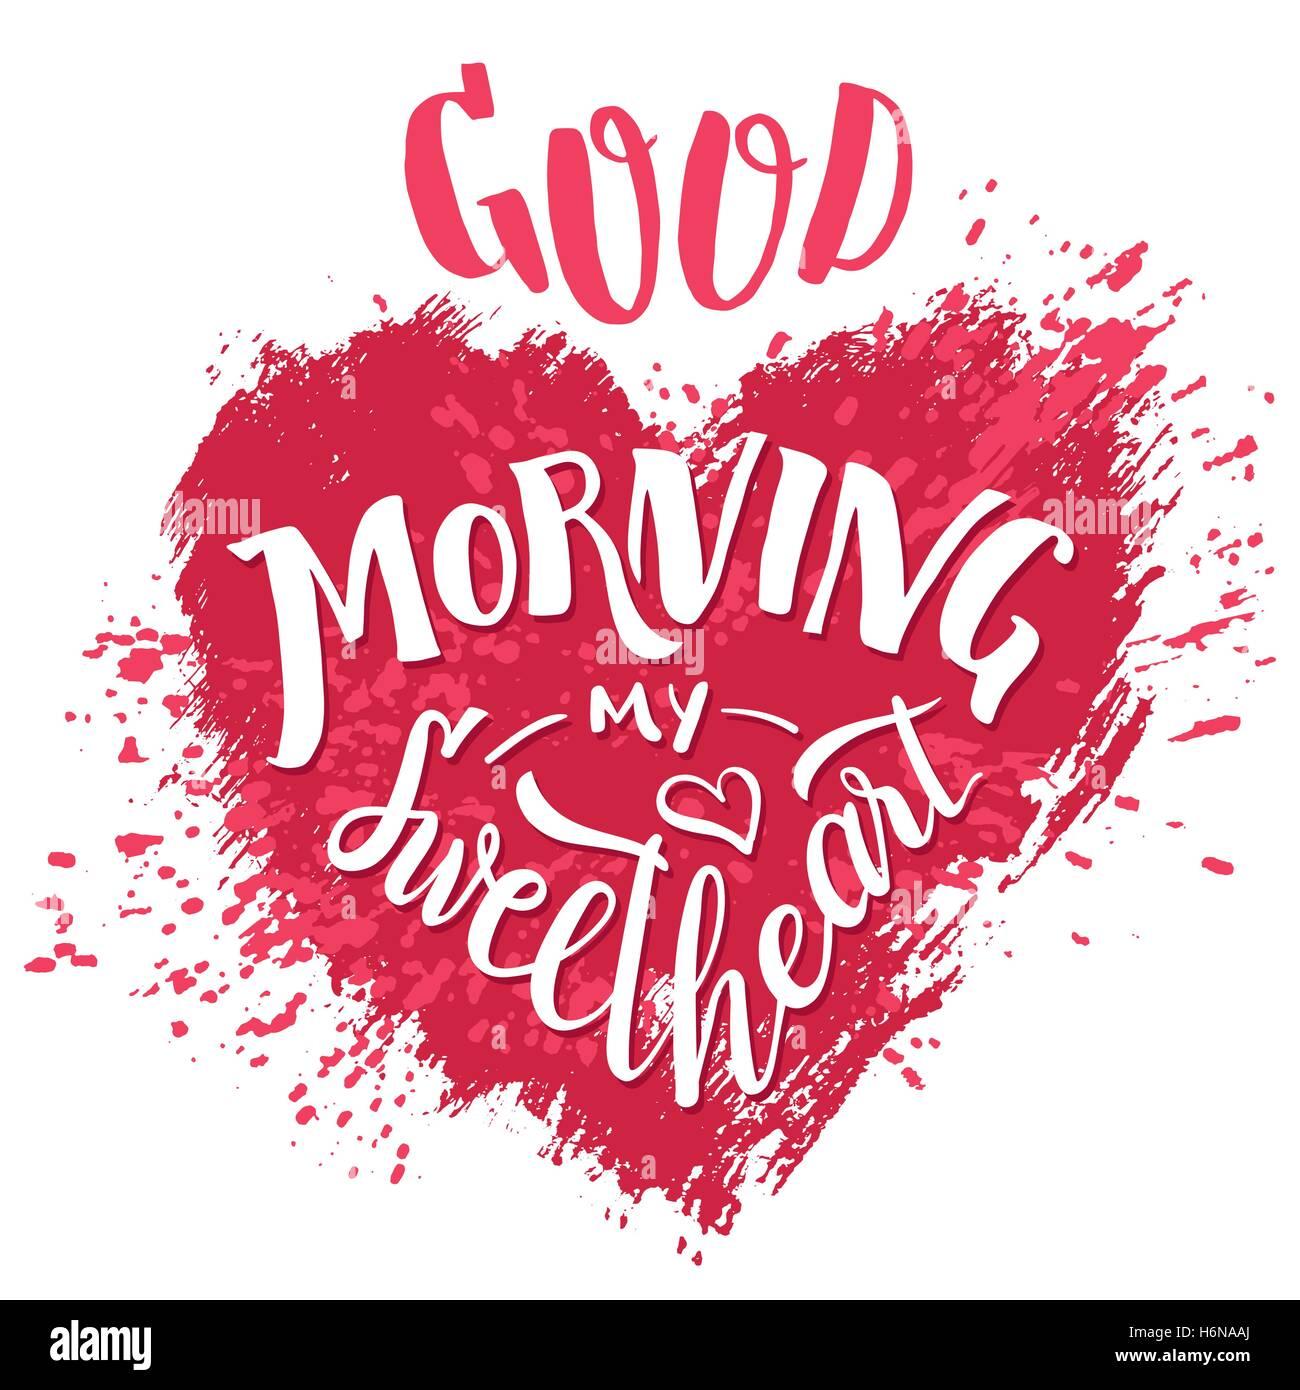 Guten Morgen Mein Schatz Hand Valentinstag Grußkarte